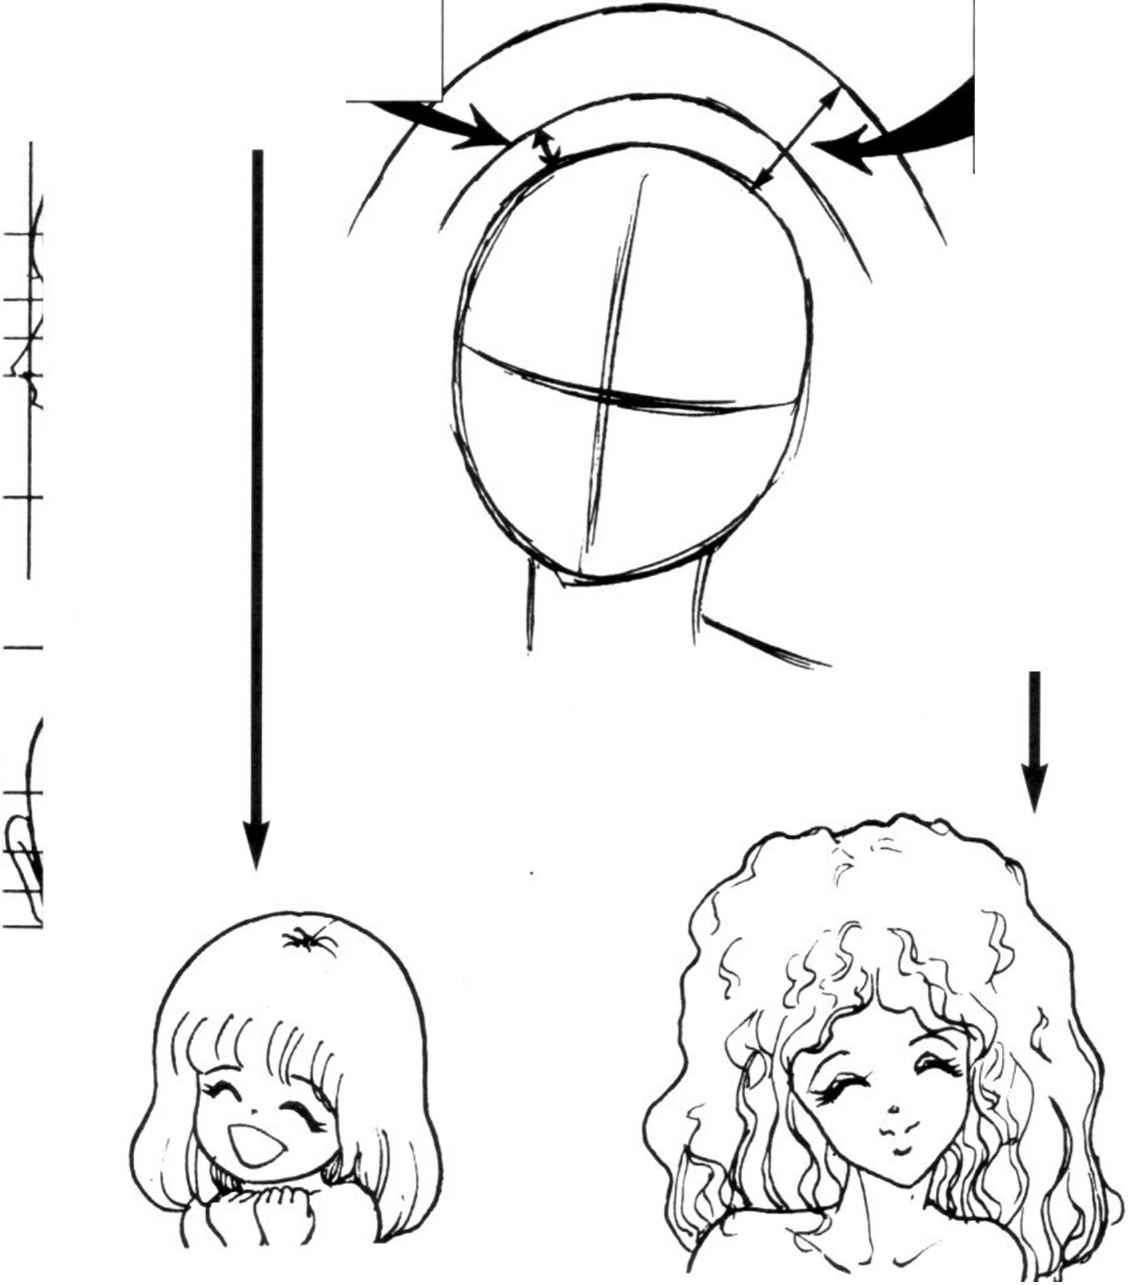 Anime short hair